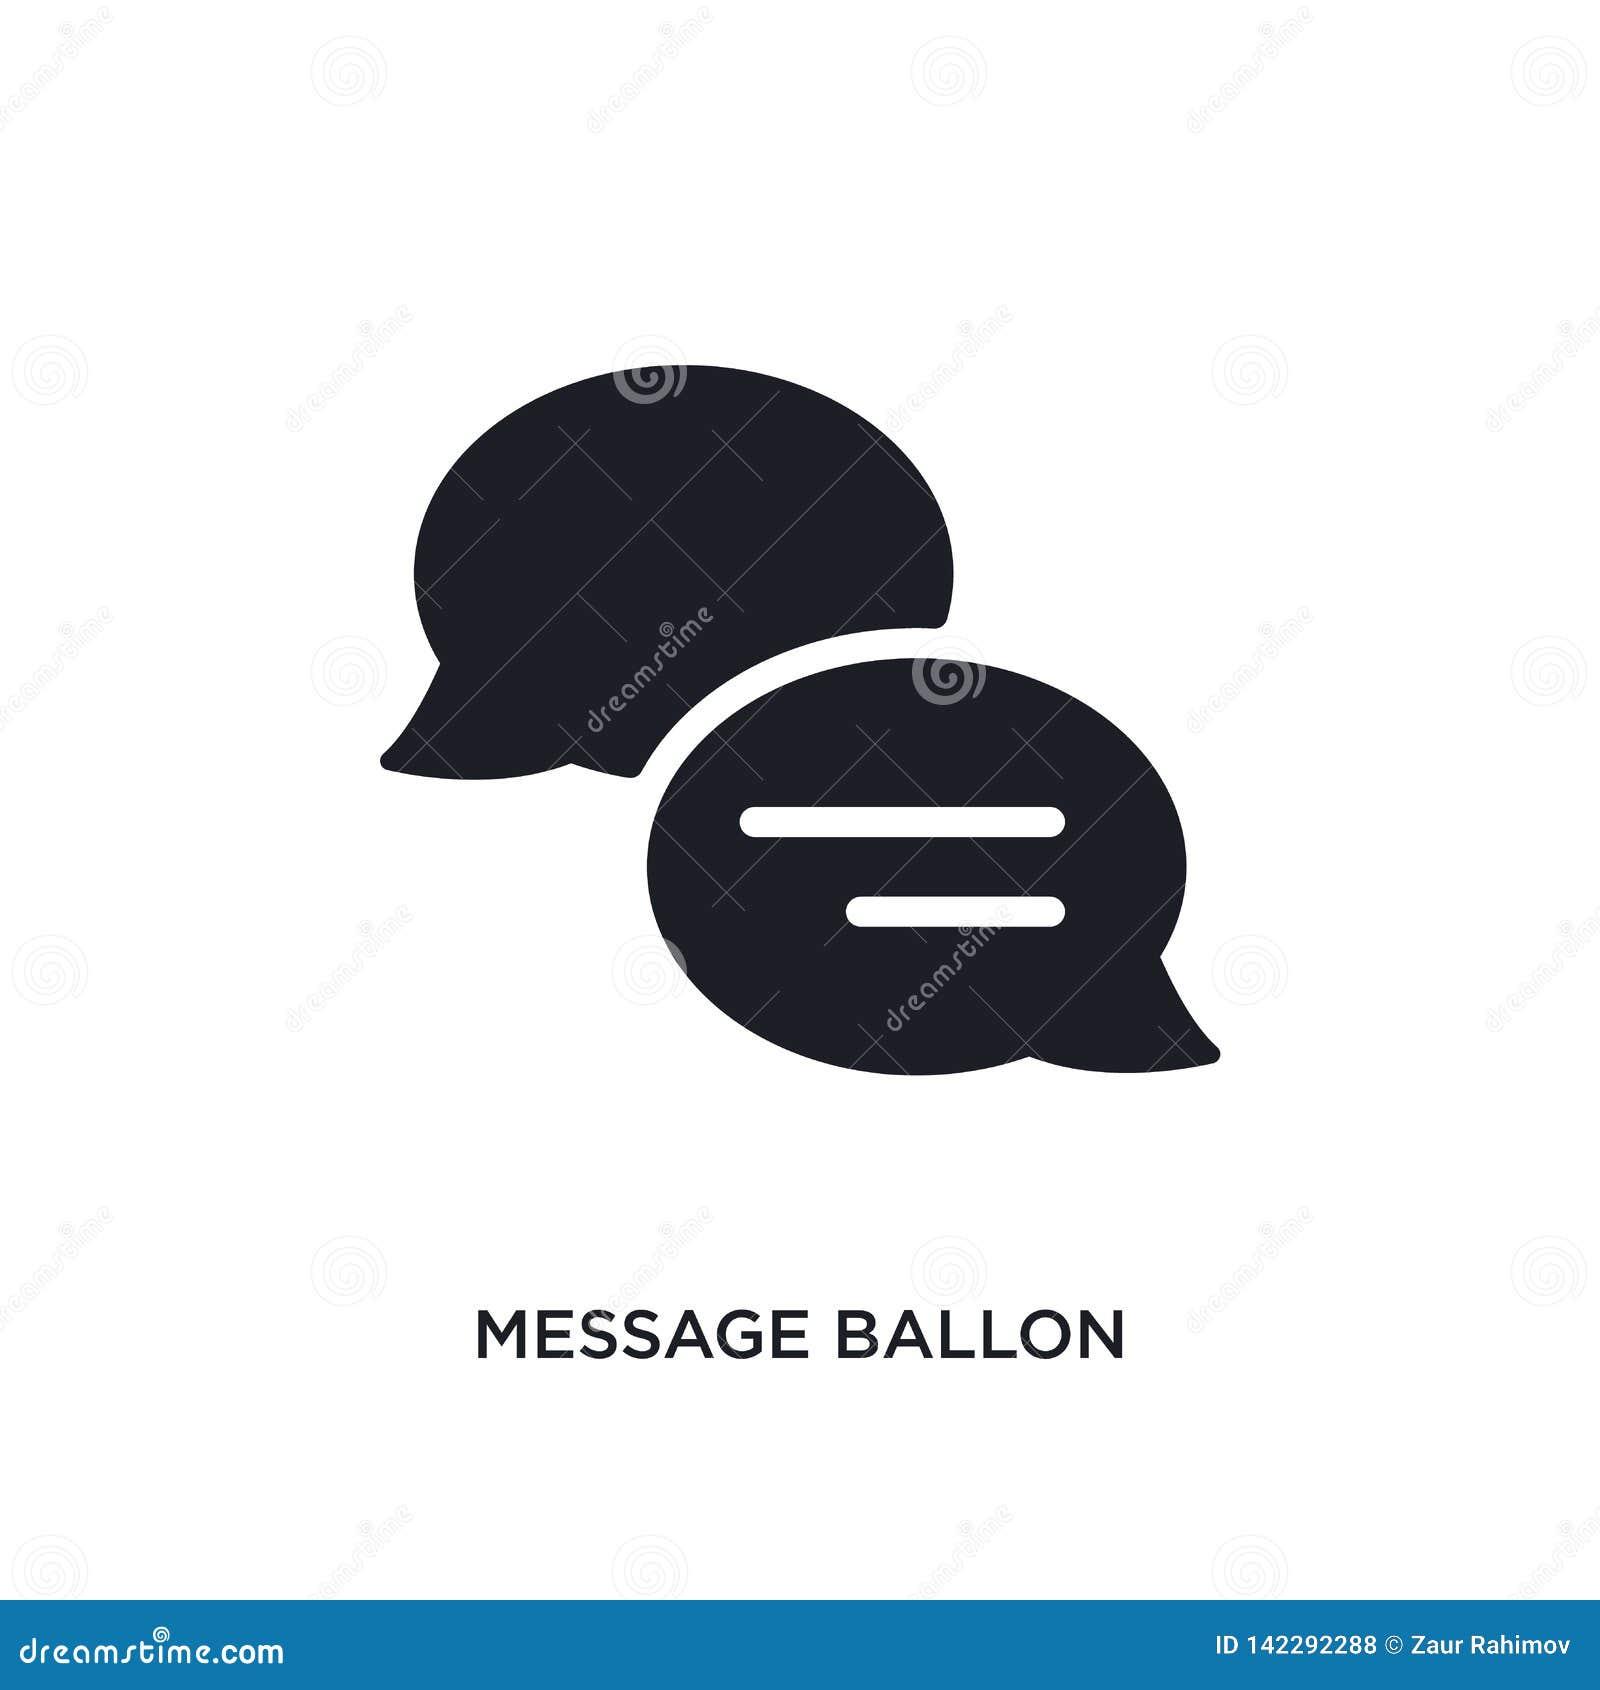 Wiadomości ballon odosobniona ikona prosta element ilustracja od ostatecznych glyphicons pojęcia ikon wiadomości ballon editable